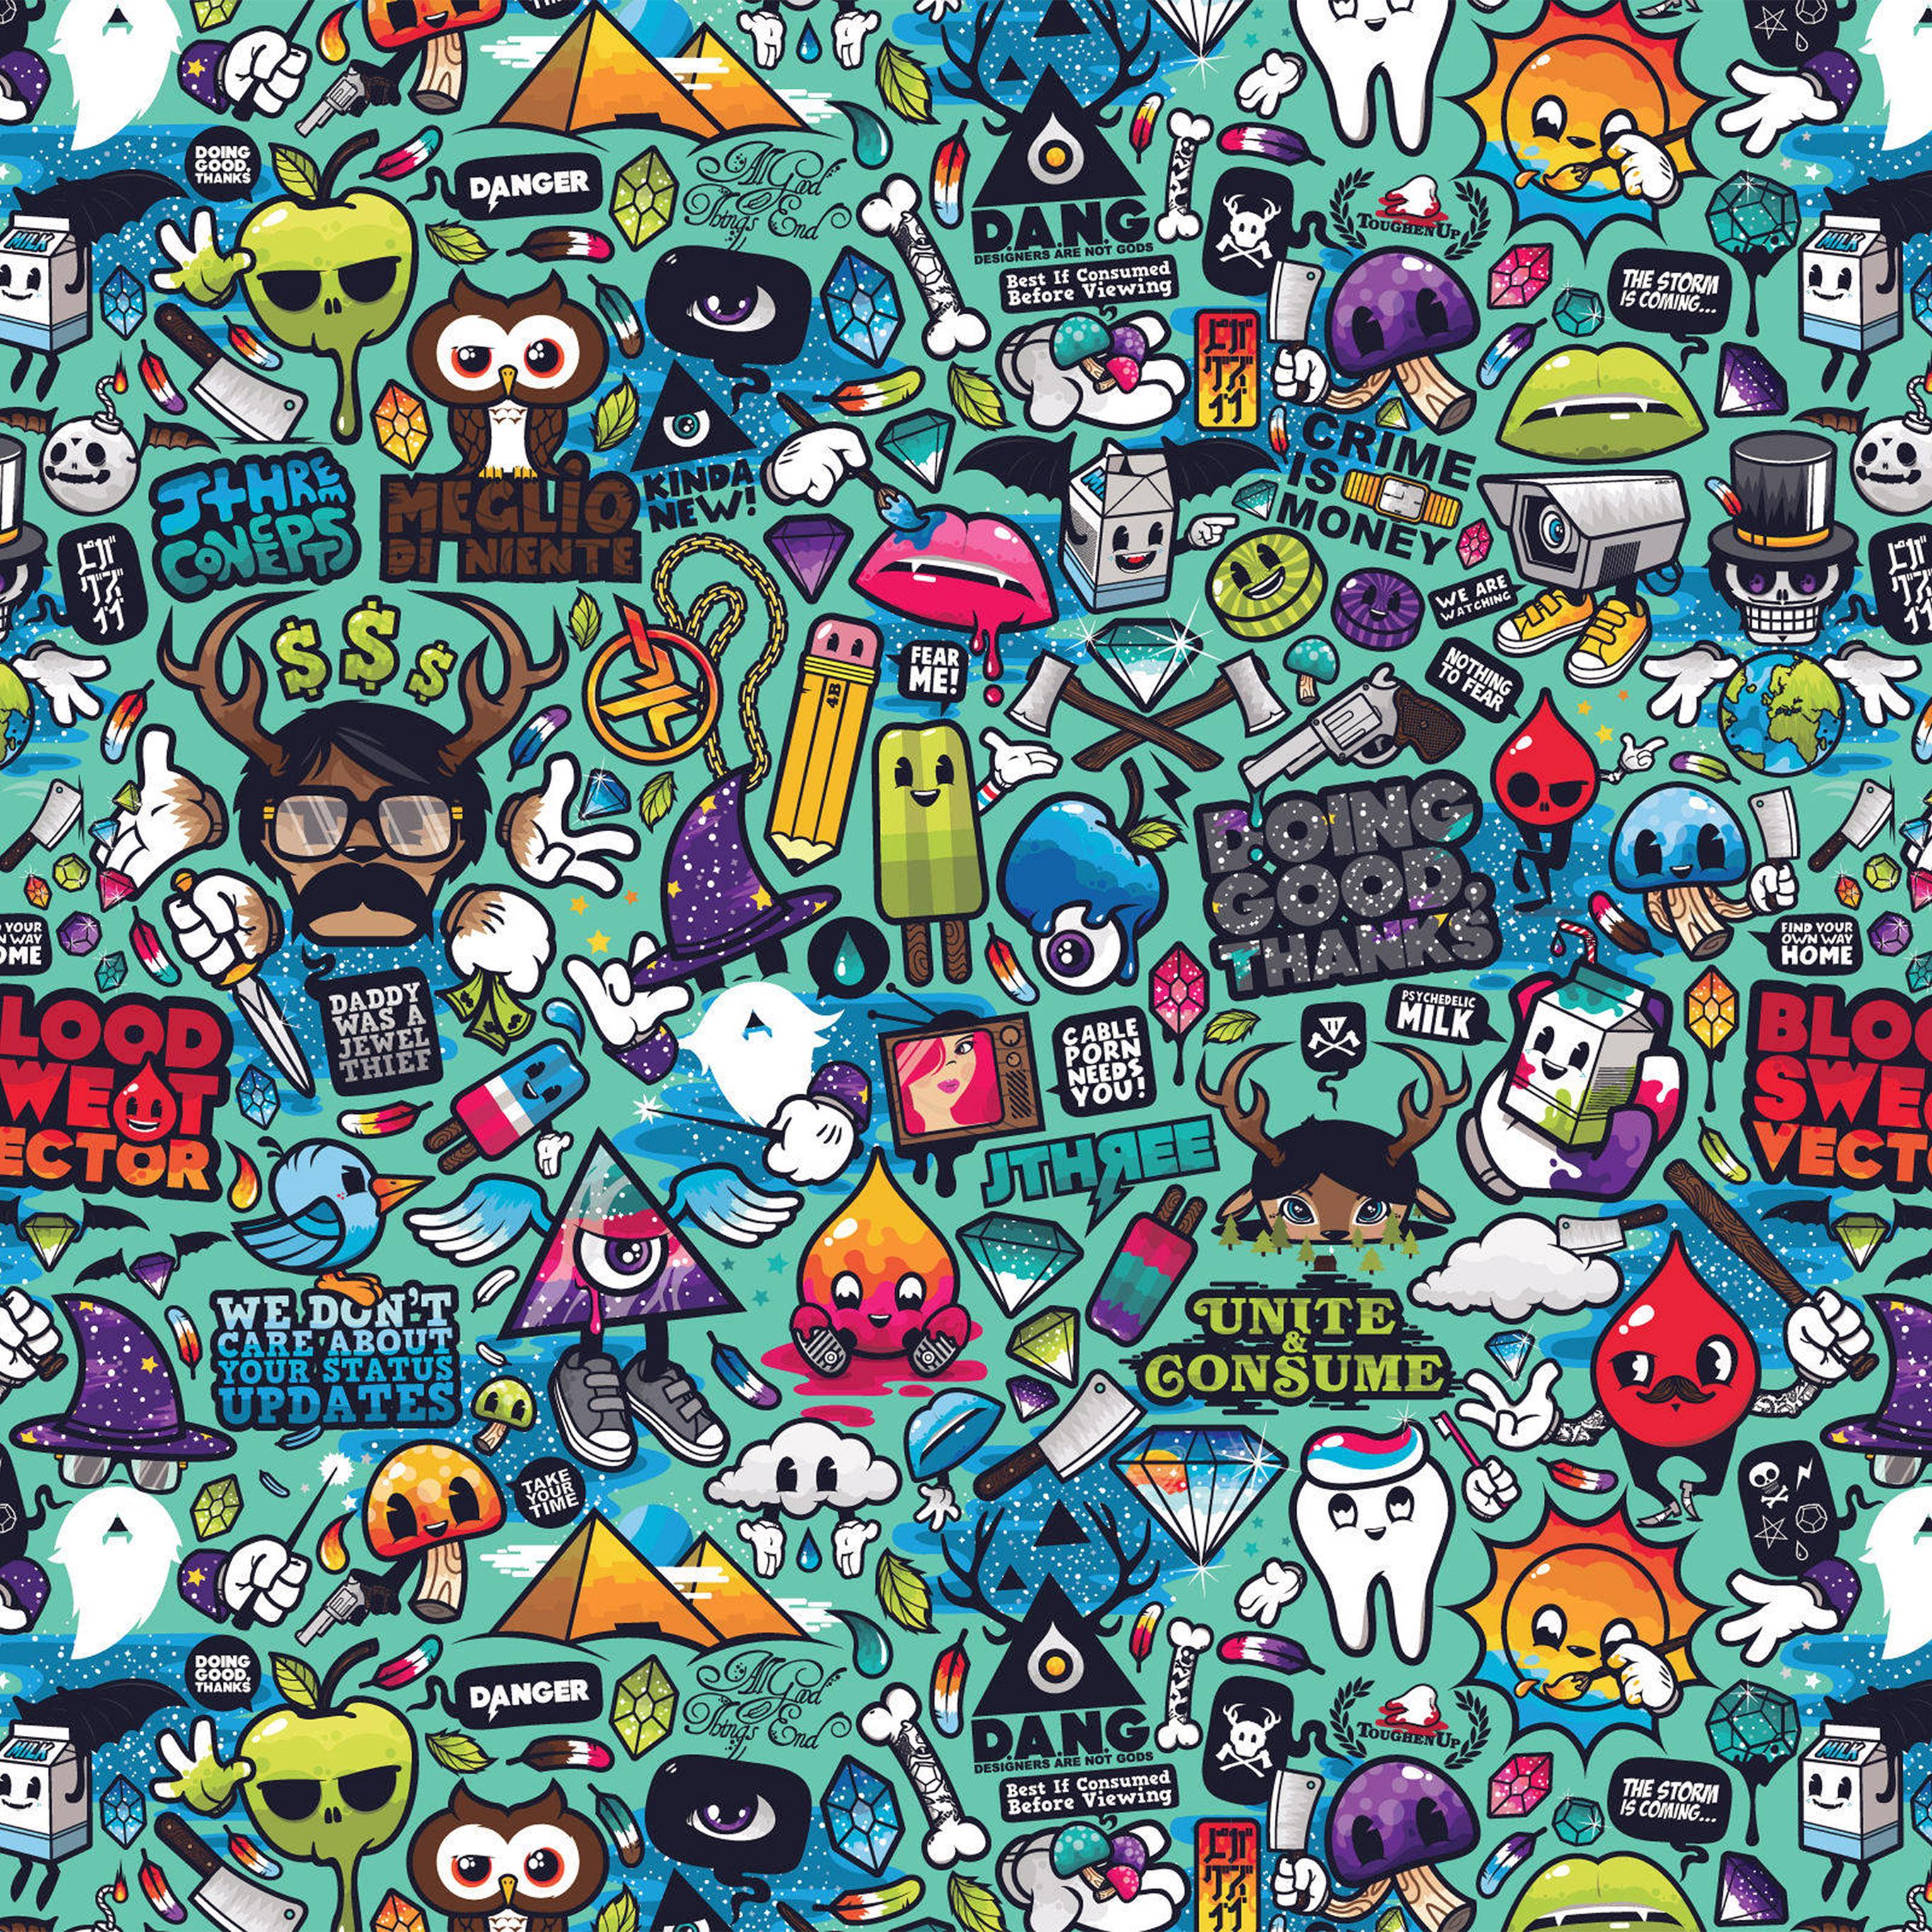 Aq61 Art Work Pattern Illustration Graffiti Wallpaper